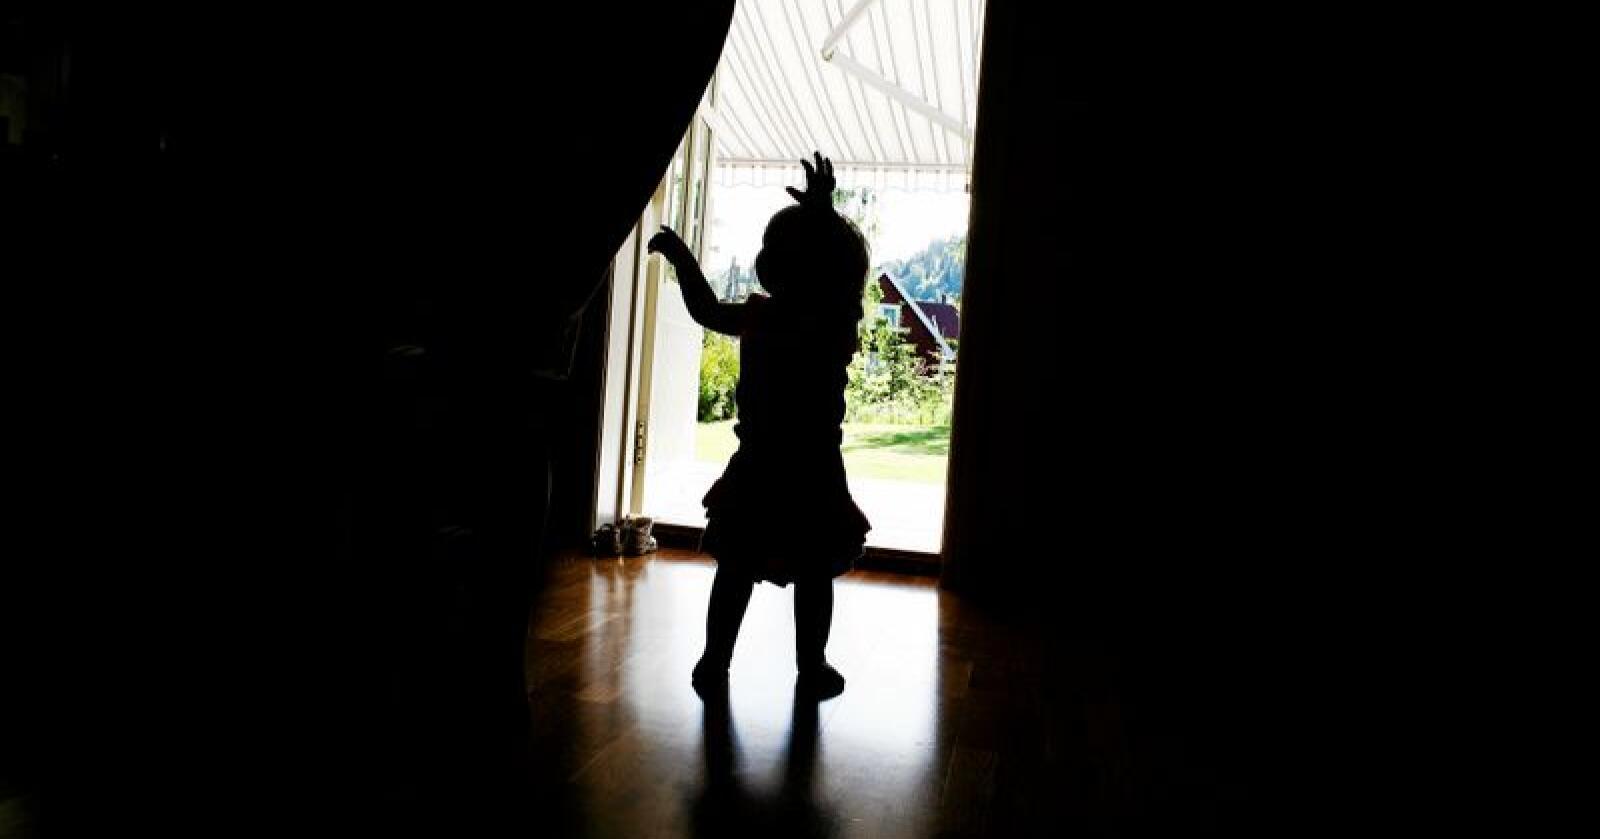 Barnevern: Mangel på kompetanse gjer til dømes at saker som ikkje skulle vere meldt til barnevernet, likevel blir meldt. Foto: Sara Johannessen/NTB scanpix NB! Modellklarert